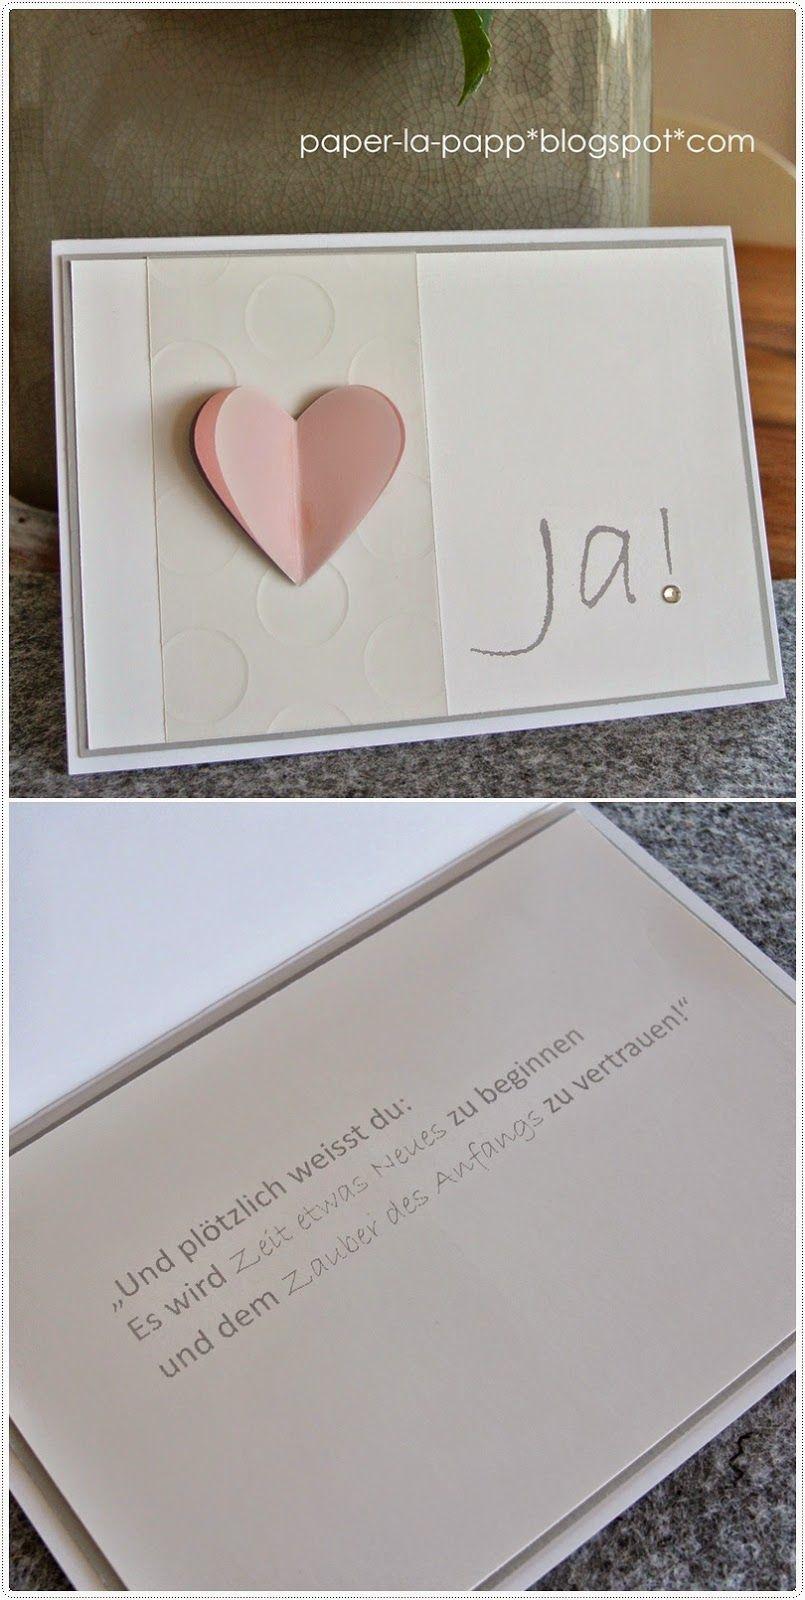 Zitat Wedding Hochzeit Einladung: Pin It Ein Traumpaar Hat Geheiratet. Für  Beide War Es Die Zweite Chance Und Sie Haben Sie Genutzt!